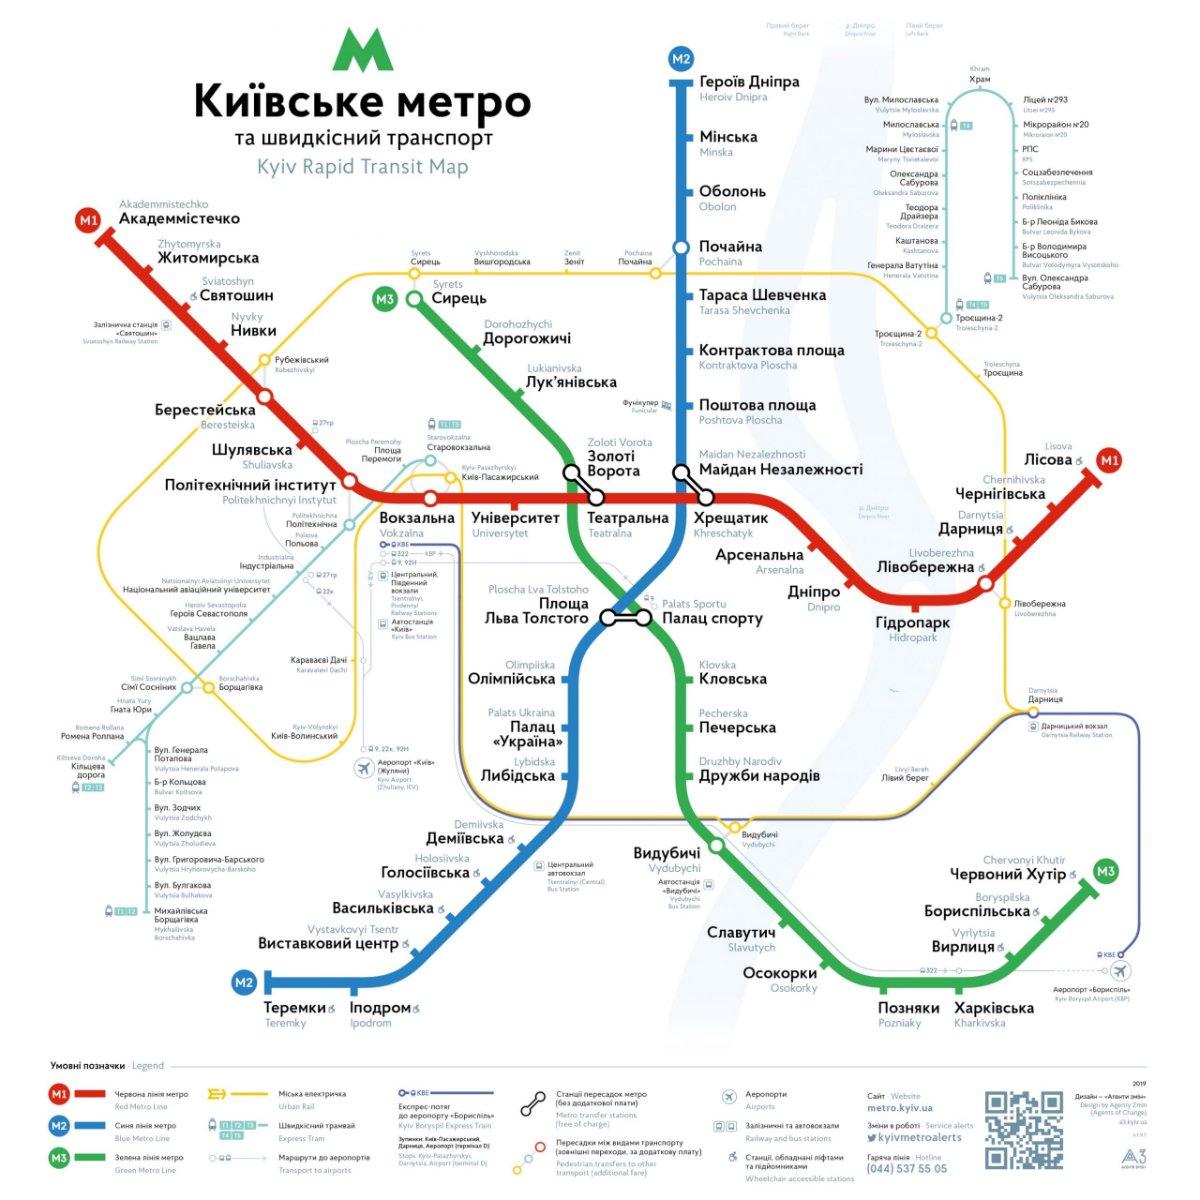 IDMedia Наружная реклама в городе Киев (Киевская область), Метро Digital в городе Киев №238986 схема